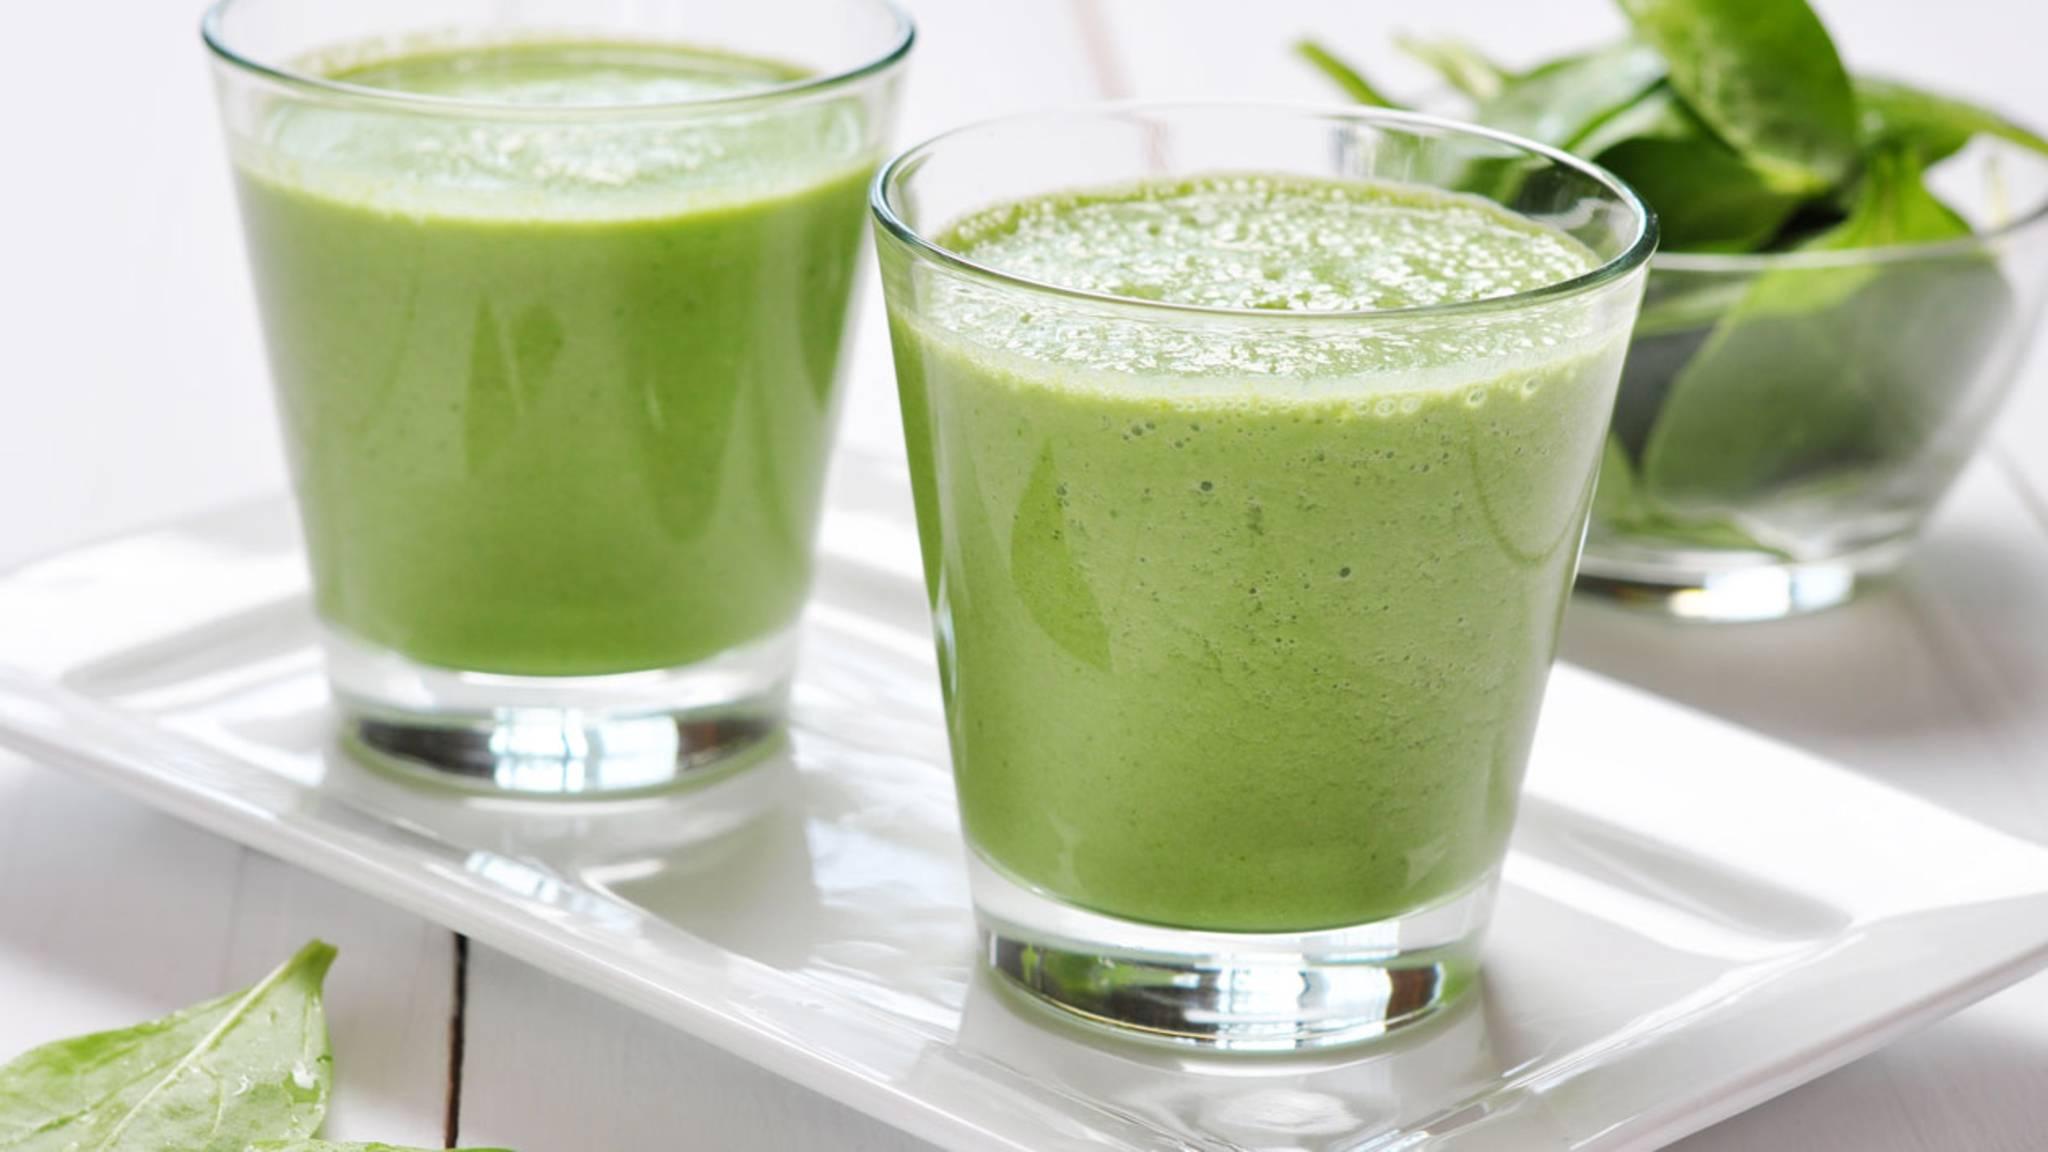 Was grüner Saft enthält, um Gewicht zu verlieren